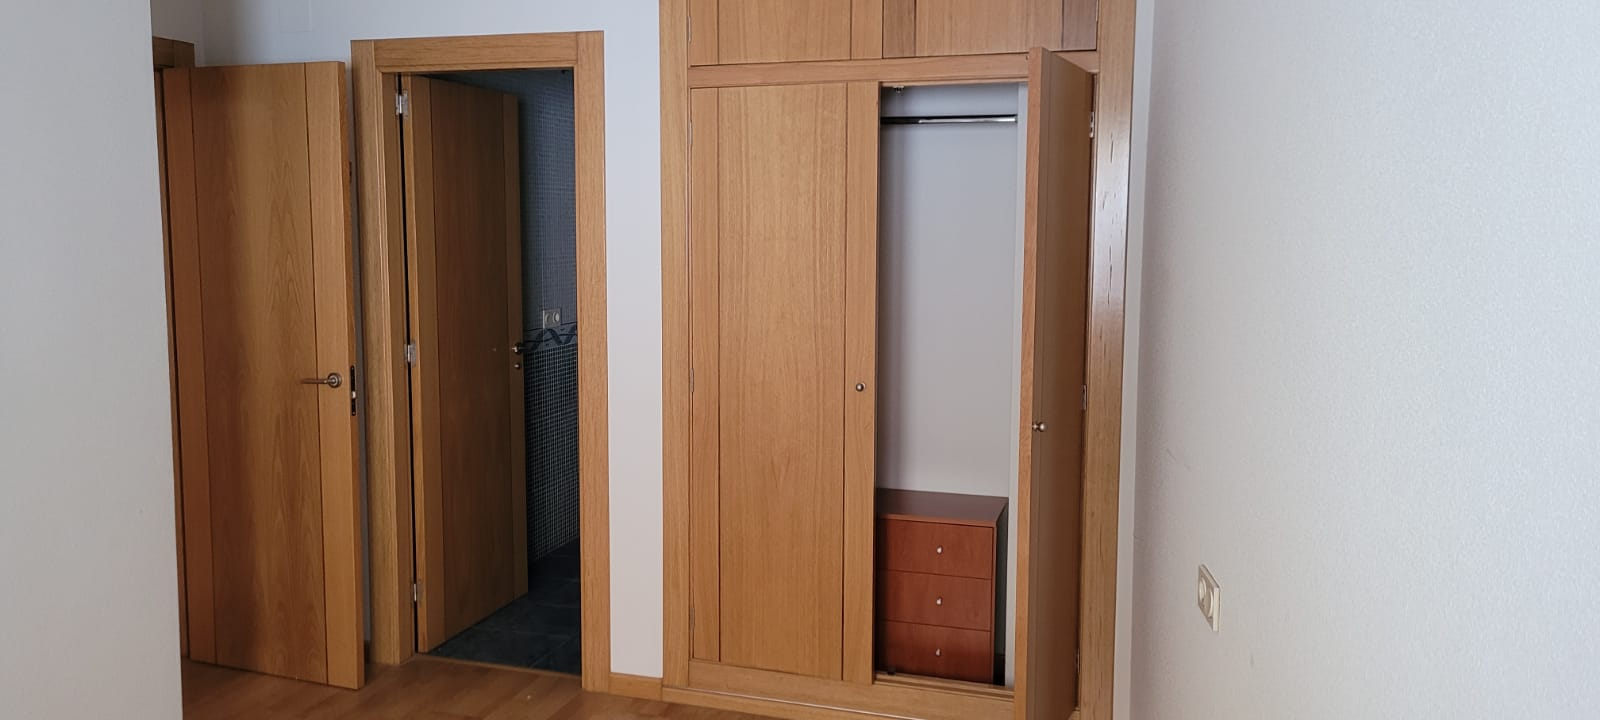 Piso en venta en Piso en Zamora, Zamora, 132.000 €, 3 habitaciones, 2 baños, 103 m2